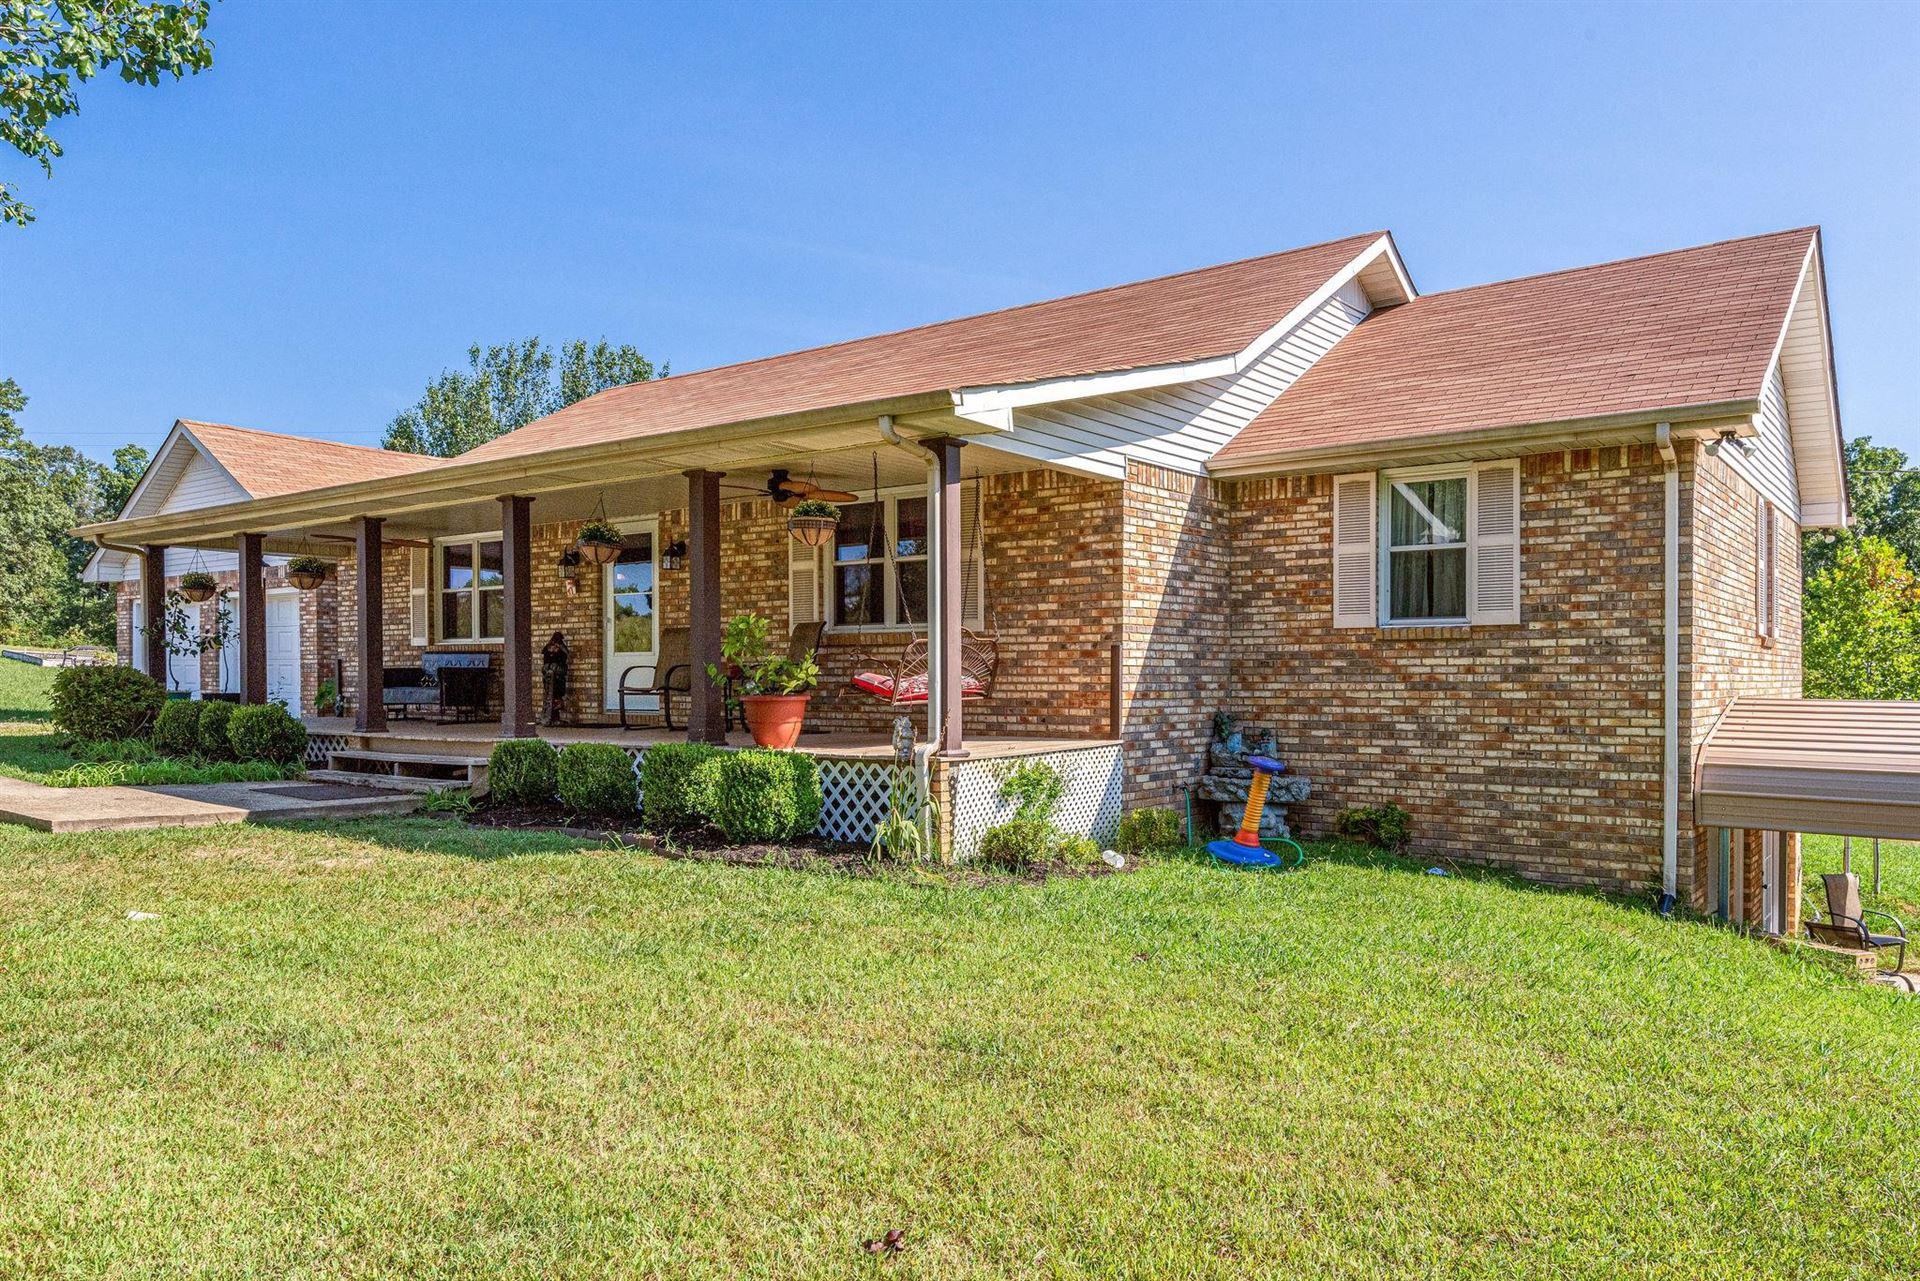 799 Arnold Rd, White Bluff, TN 37187 - MLS#: 2157691